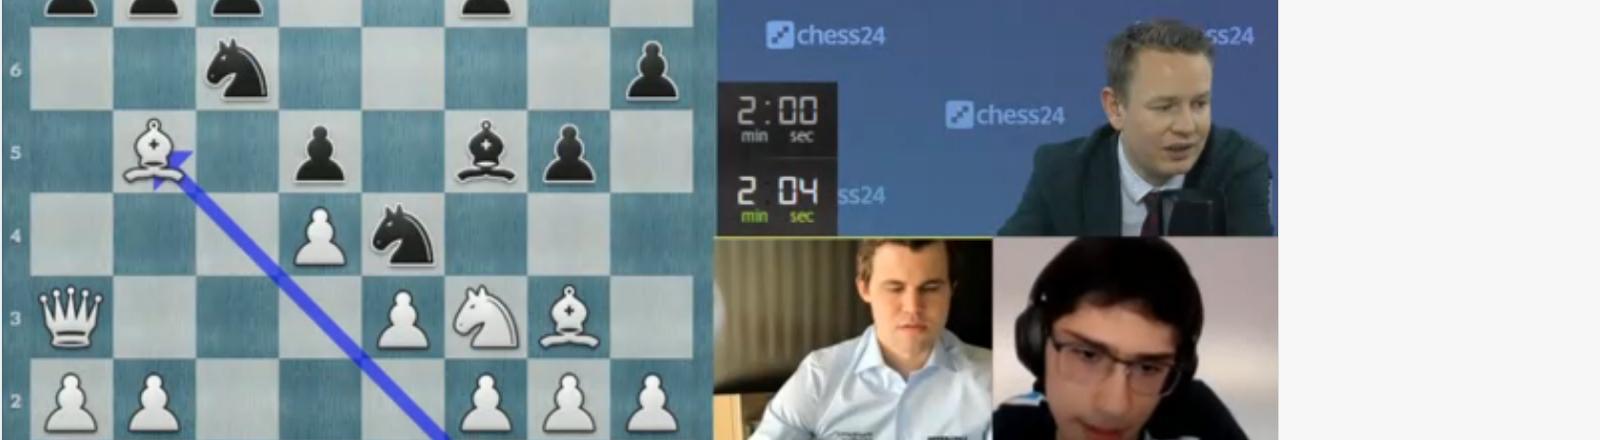 Schach in Fenstern: Szene aus dem Spiel Magnus Carlsens gegen Alireza Firouzja